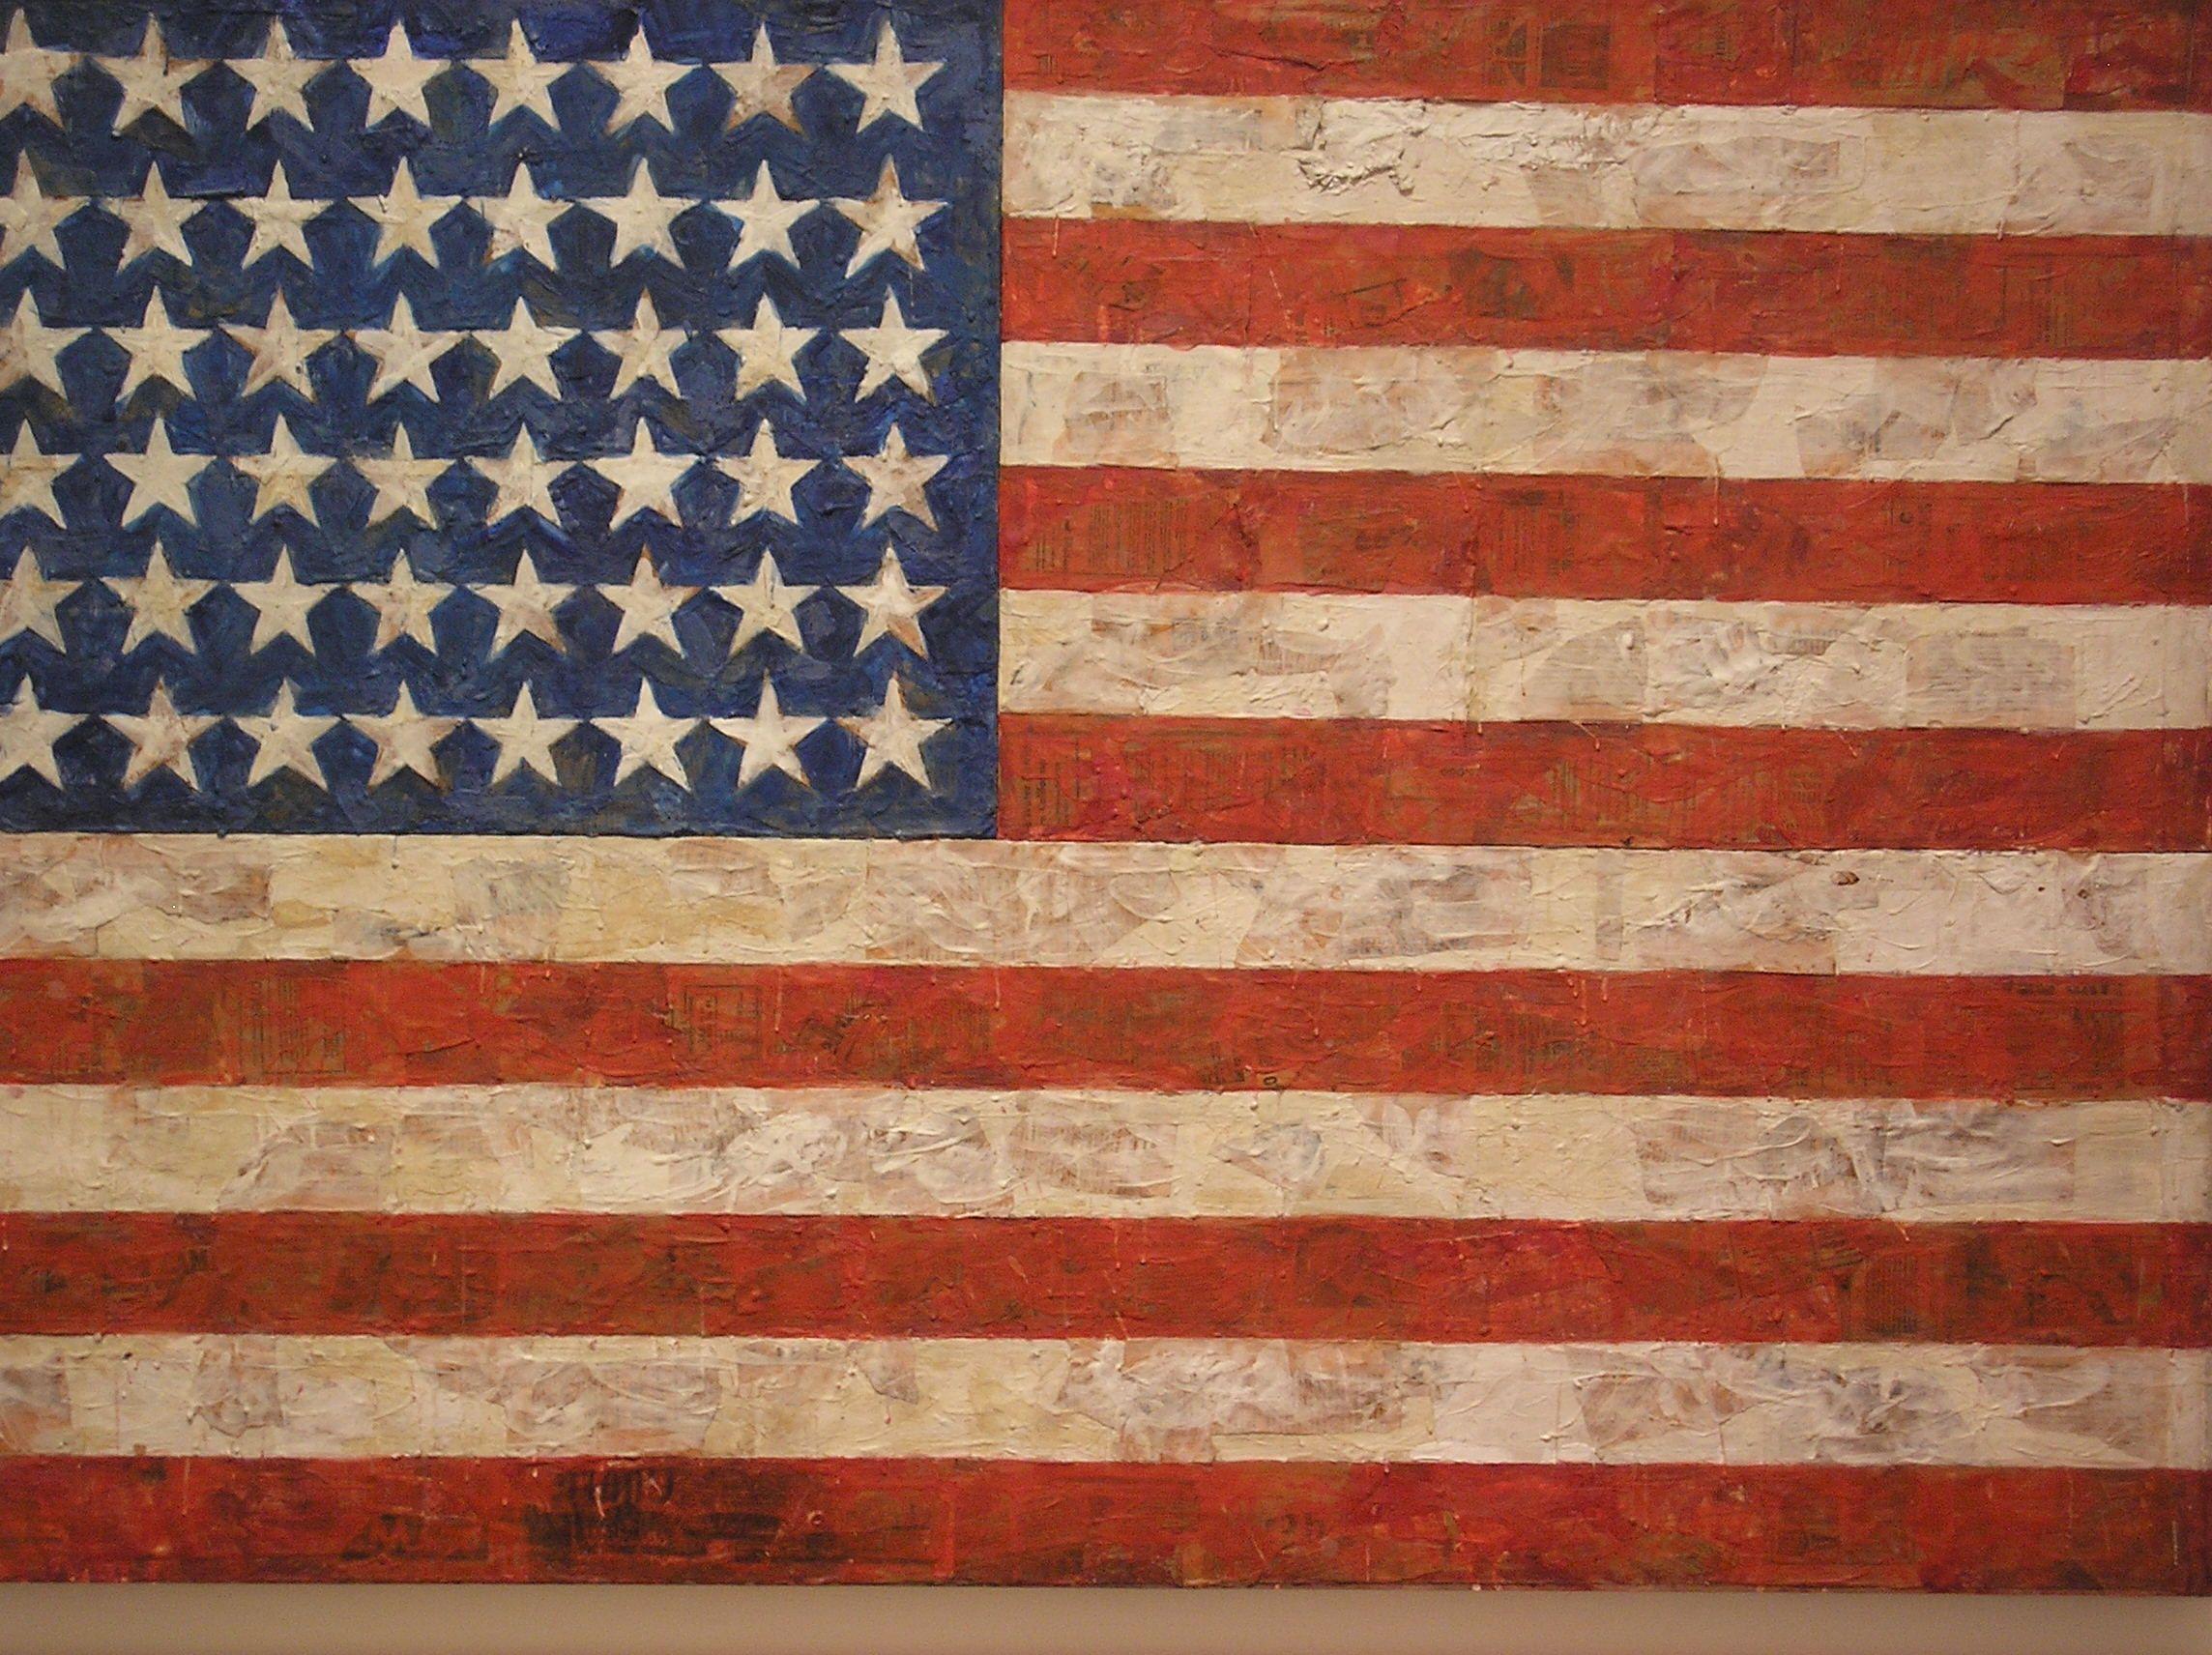 Moma Jasper Johns Encaustic Flag Jasper Johns Museum Of Modern Art American Flag Wall Art